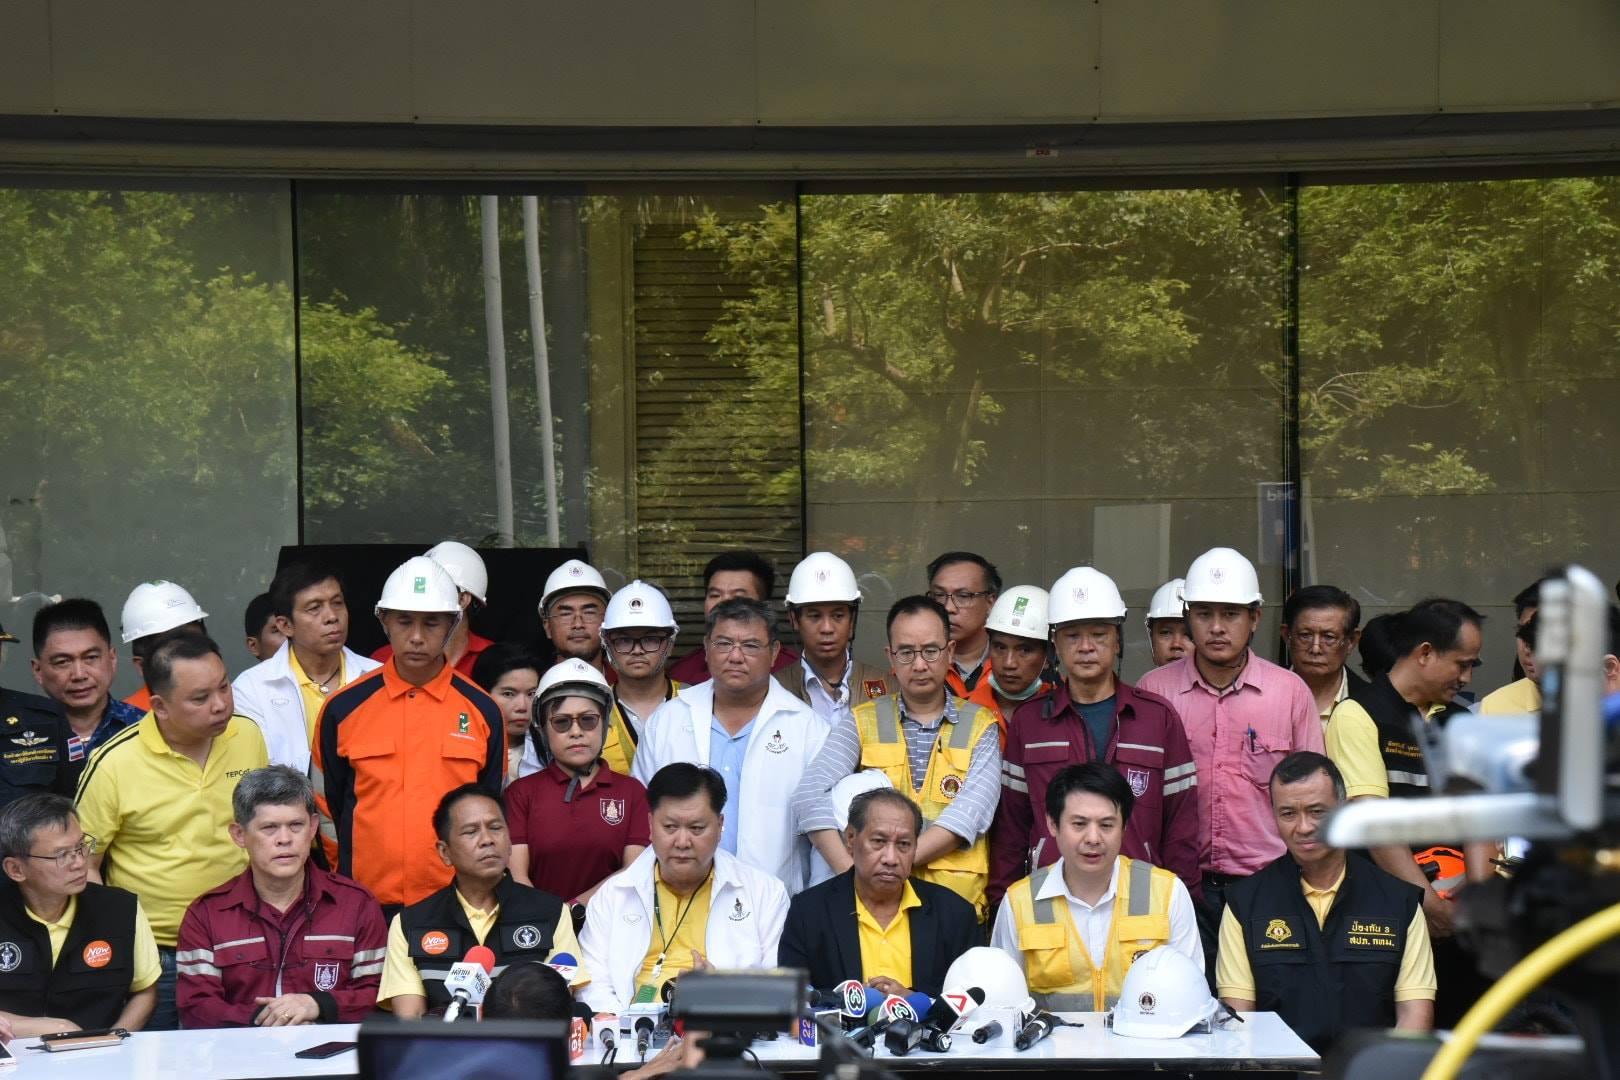 วิศวกรรมสถานแห่งประเทศไทยฯ ร่วมกับกองควบคุมอาคารสำนักการโยธา กทม. กองพิสูจน์หลักฐาน สำนักงานเขตปทุมวัน สำนักป้องกันและบรรเทาสาธารณภัย สภาวิศวกร สมาคมตรวจสอบอาคาร เข้าตรวจพื้นที่เกิดเหตุไฟไหม้เซ็นทรัลเวิลด์